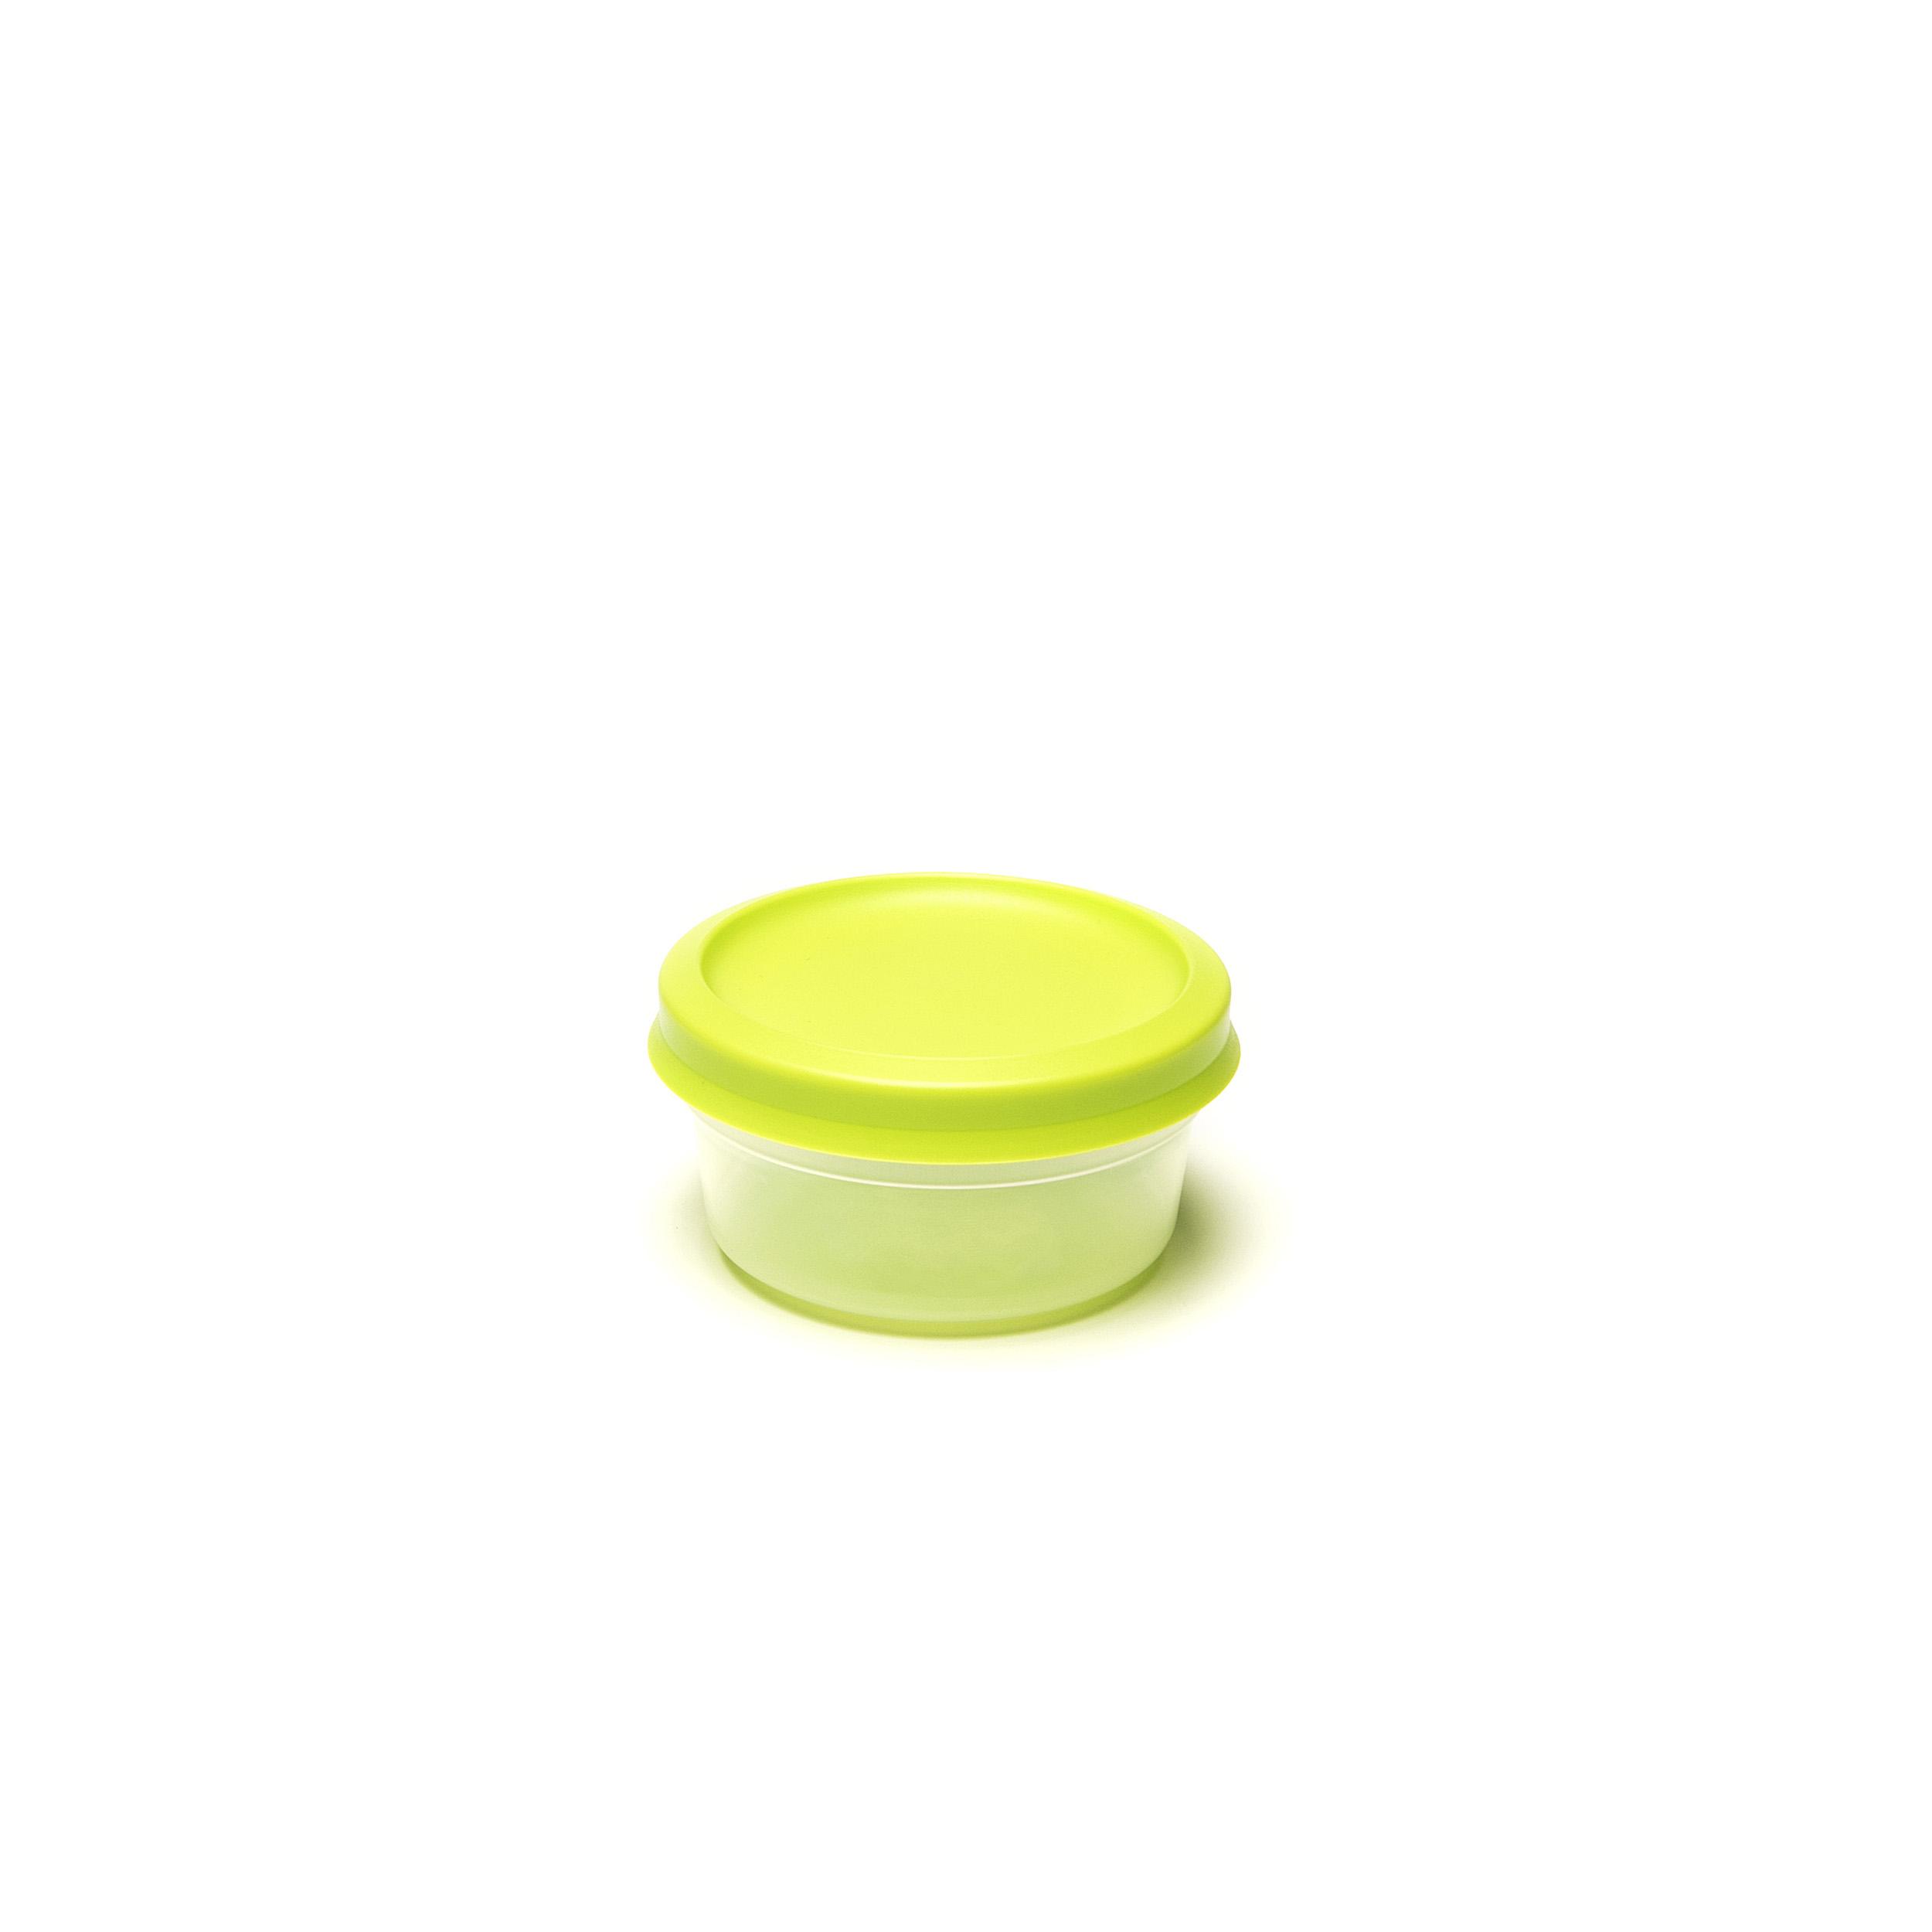 Vacutop Round 250ml - .... Super fresh food? Keep it in a VacuTop® box. Thanks to its hermetic seal, your food will remain noticeably fresher for longer. Stack and store? It's easy peasy. Your VacuTop® is indestructible: it will stand up to the dishwasher and microwave – provided you remove the lid when using the latter. ..Un repas d'une fraîcheur exquise ? Une boîte VacuTop® vous le garantira. Grâce à sa fermeture hermétique, vos aliments restent frais vraiment plus longtemps. L'empiler et la ranger ? Simple comme bonjour. Votre VacuTop® est inusable : elle convient pour le lave-vaisselle et micro-ondes – pour autant que vous en enleviez le couvercle. ..Kraakvers eten? Dat bewaar je in een VacuTop®-doos. Dankzij de hermetische afsluiting blijft je eten merkbaar langer vers. Stapelen en wegbergen? Een fluitje van een cent. Je VacuTop® is onverslijtbaar: hij is bestand tegen vaatwasser en microgolfoven – zolang je bij die laatste het deksel maar verwijdert. ..Knackfrische Speisen? Die sollten Sie in einem VacuTop®-Behälter aufbewahren. Dank des hermetischen Verschlusses bleiben Ihre Speisen spürbar länger frisch. Stapeln und aufbewahren? Das ist ein Kinderspiel. Ihr VacuTop® ist unverwüstlich: Er ist spülmaschinenfest und mikrowellengeeignet – solange Sie in der Mikrowelle den Deckel entfernen. ....